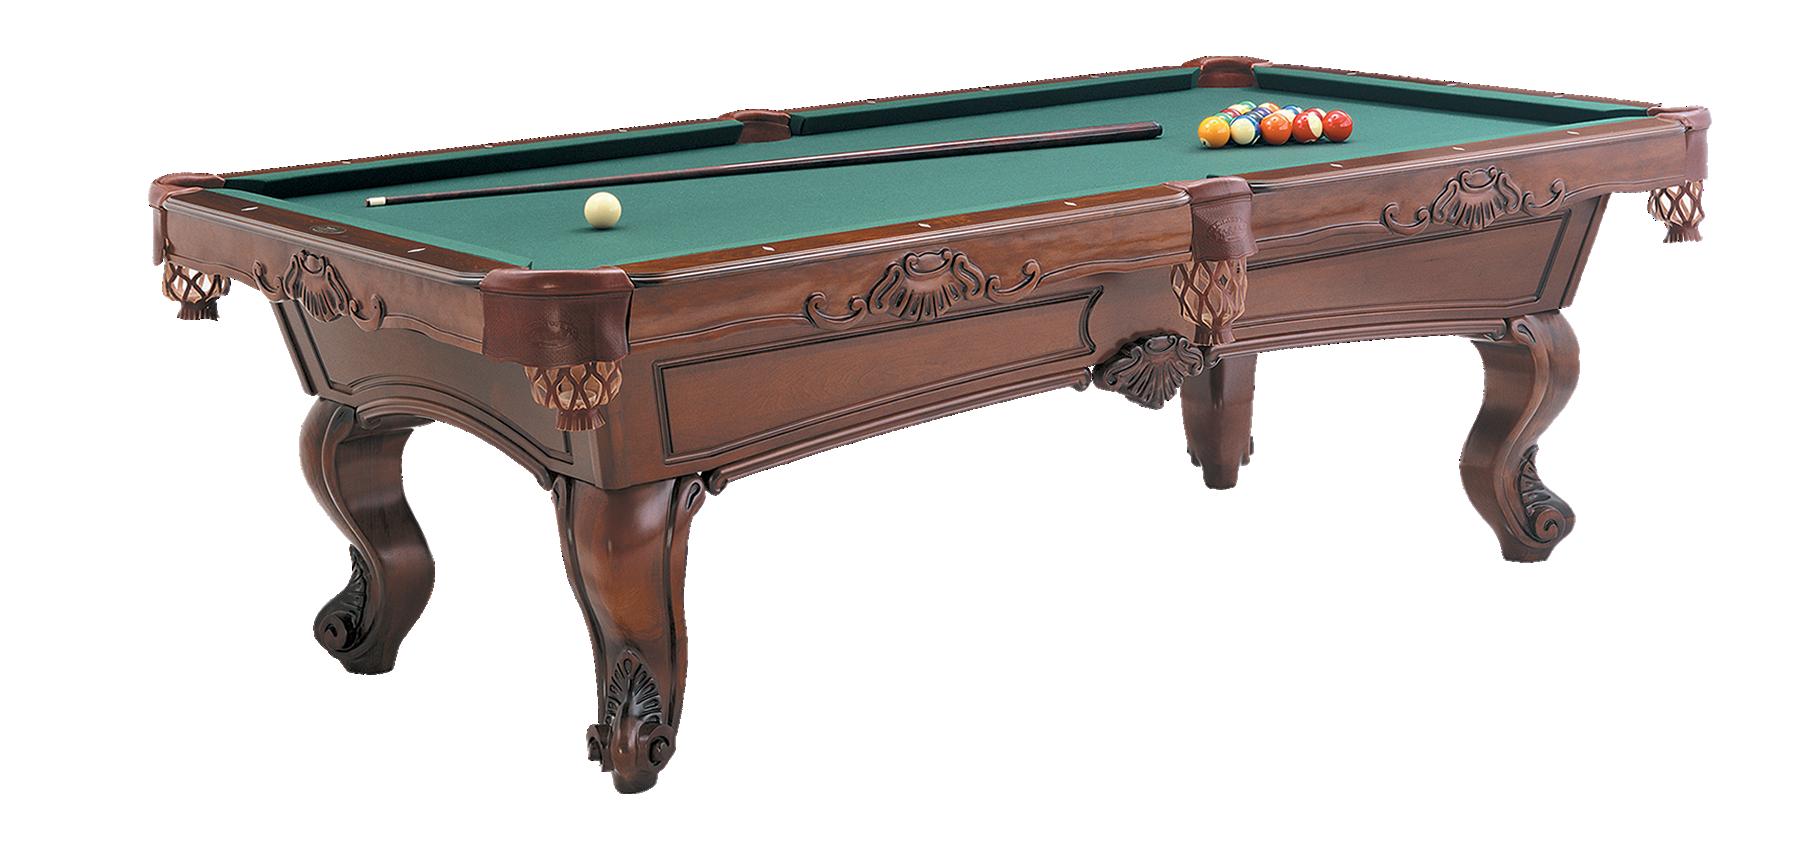 Lovely Olhausen Billiards